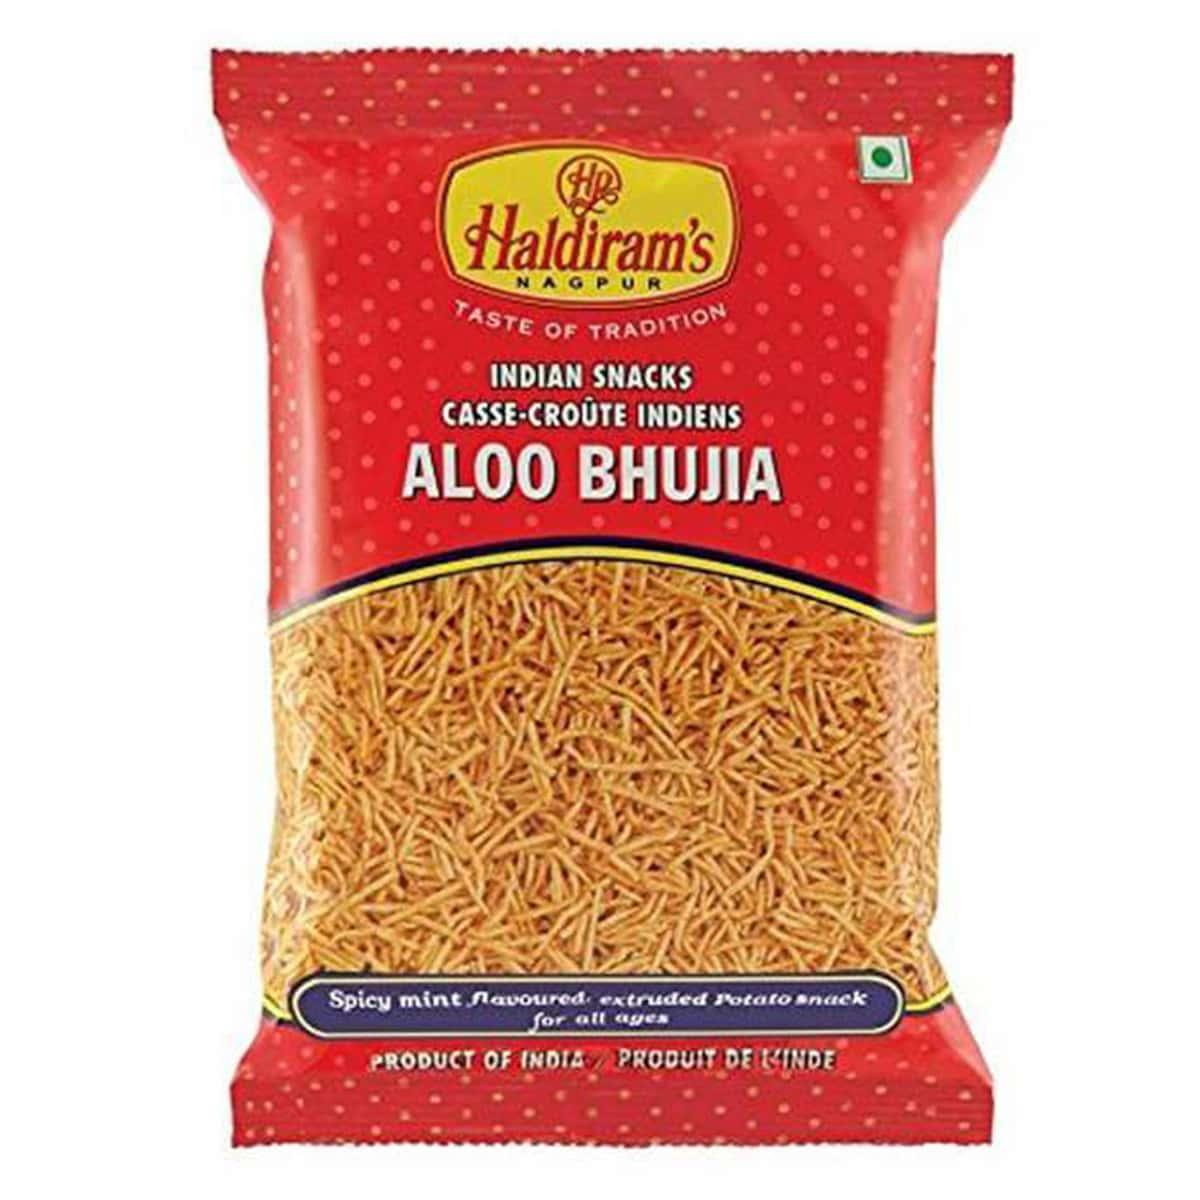 Buy Haldirams Aloo Bhujia - 350 gm